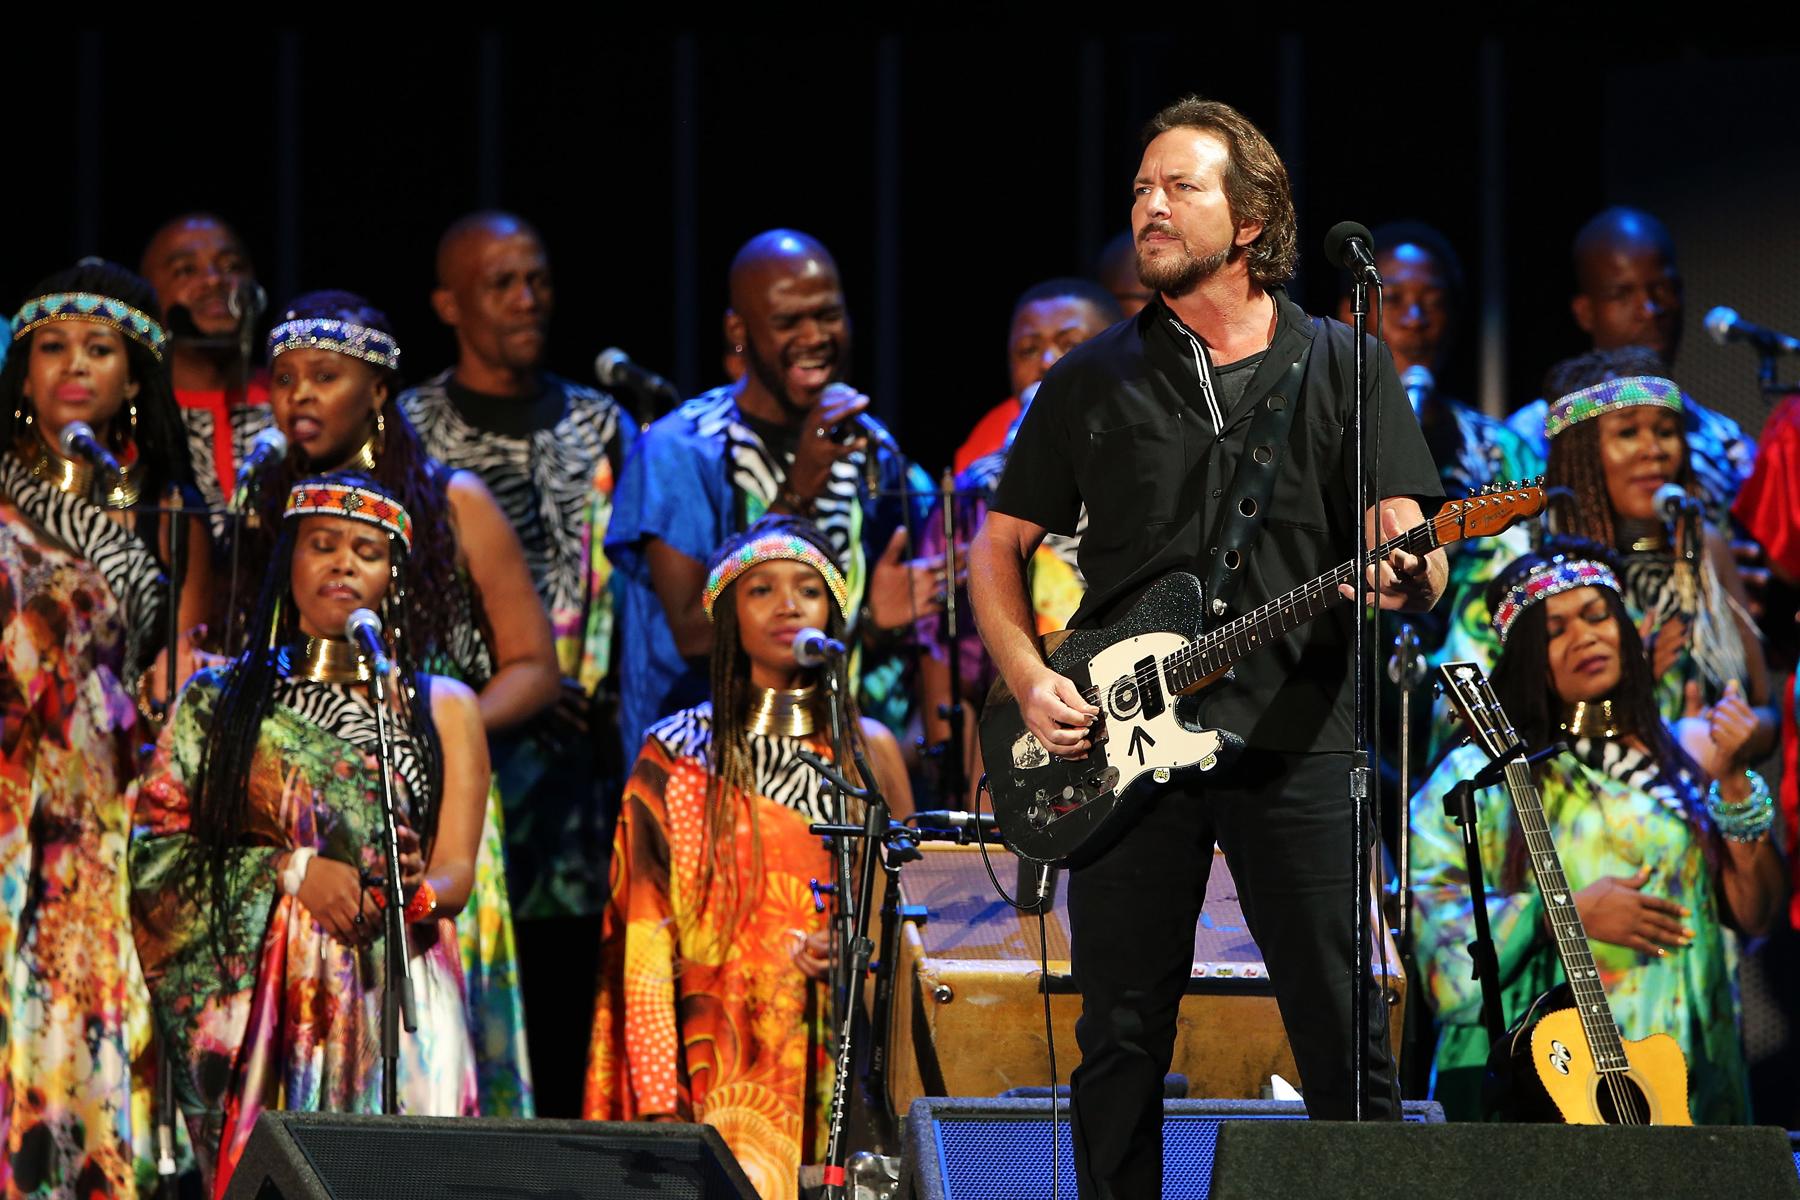 Watch Eddie Vedder Perform 'Better Man' With Soweto Gospel Choir